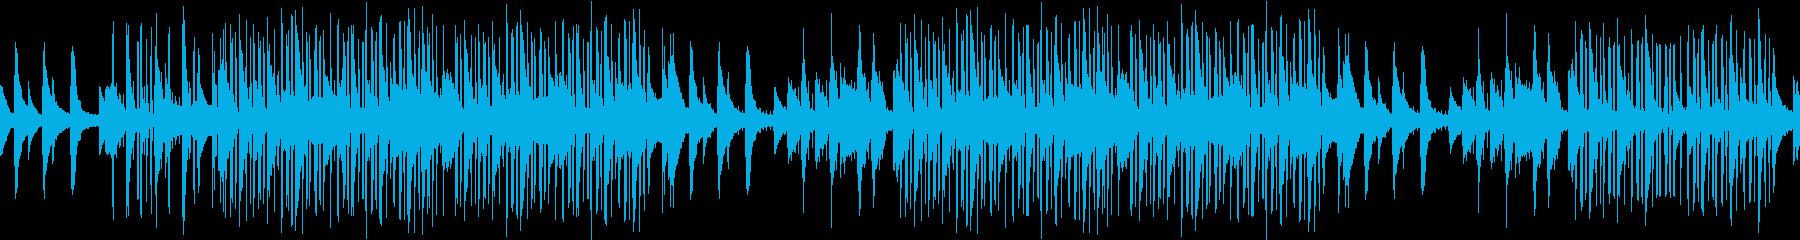 センチメンタル・悲しい・レトロ・ピアノの再生済みの波形